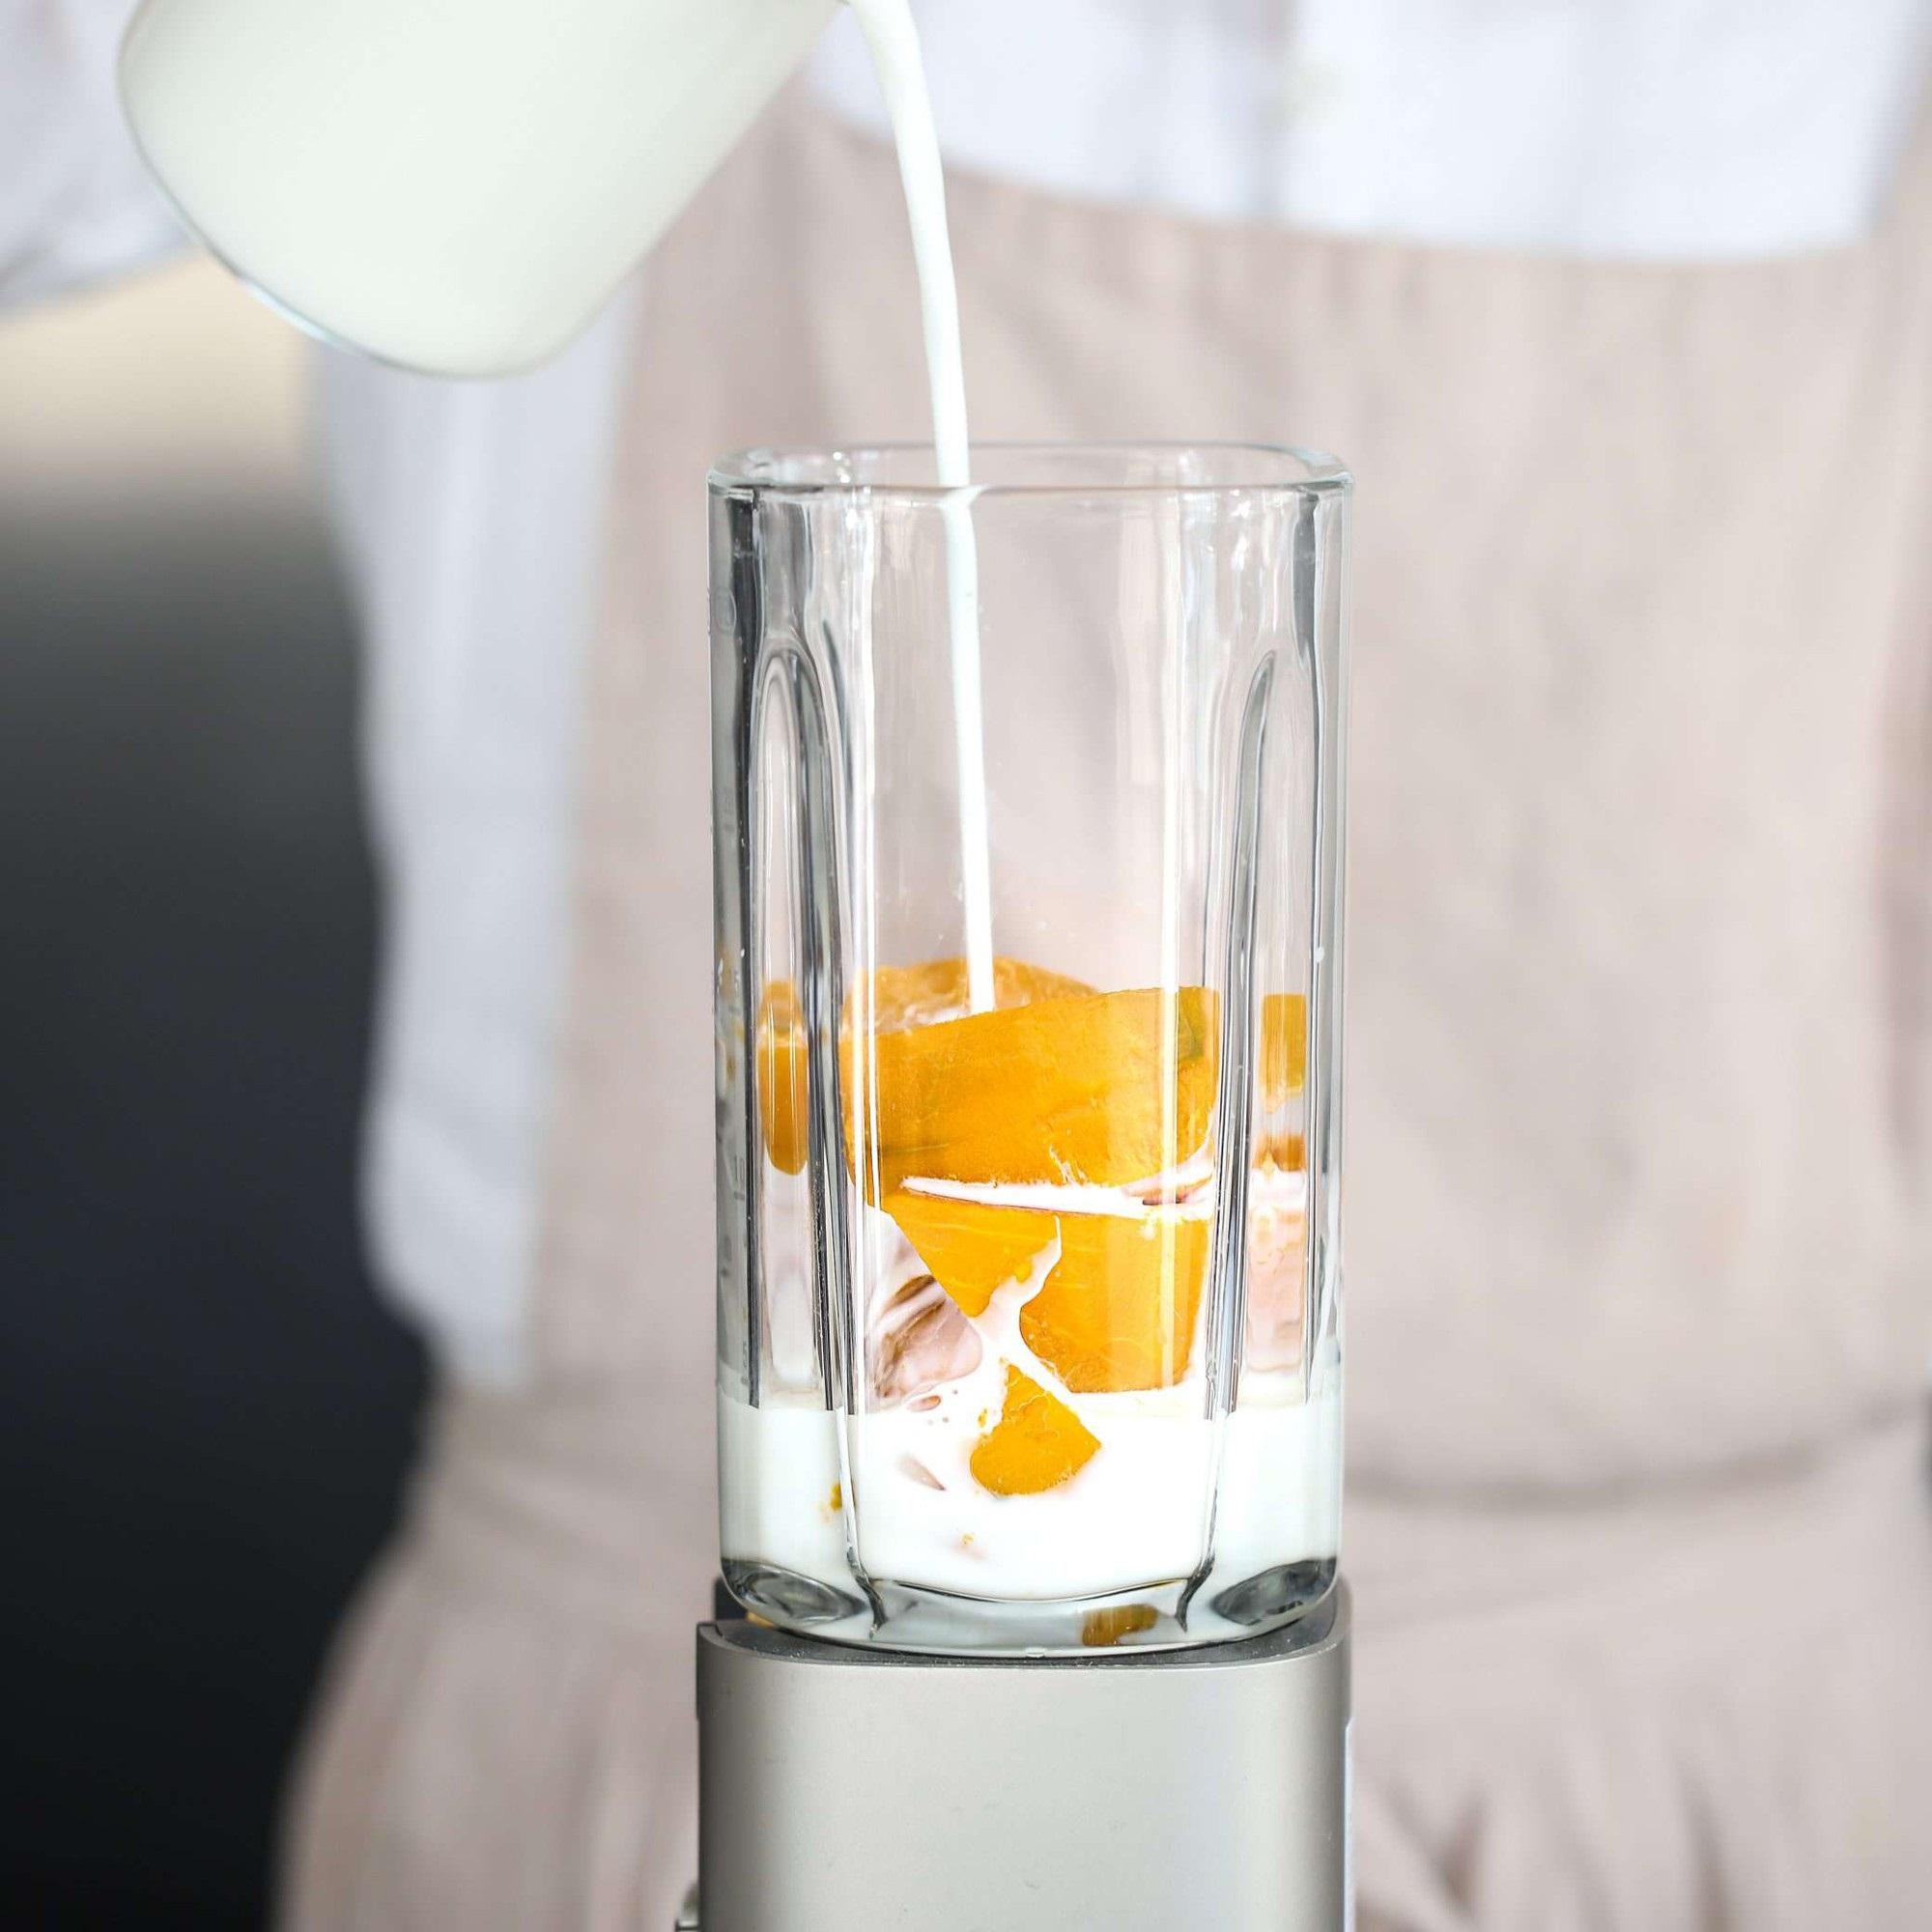 Với nguyên liệu siêu rẻ, dễ mua hãy làm ngay thức uống vô cùng lành mạnh này để tăng sức khỏe cho cả nhà nhé! - Ảnh 6